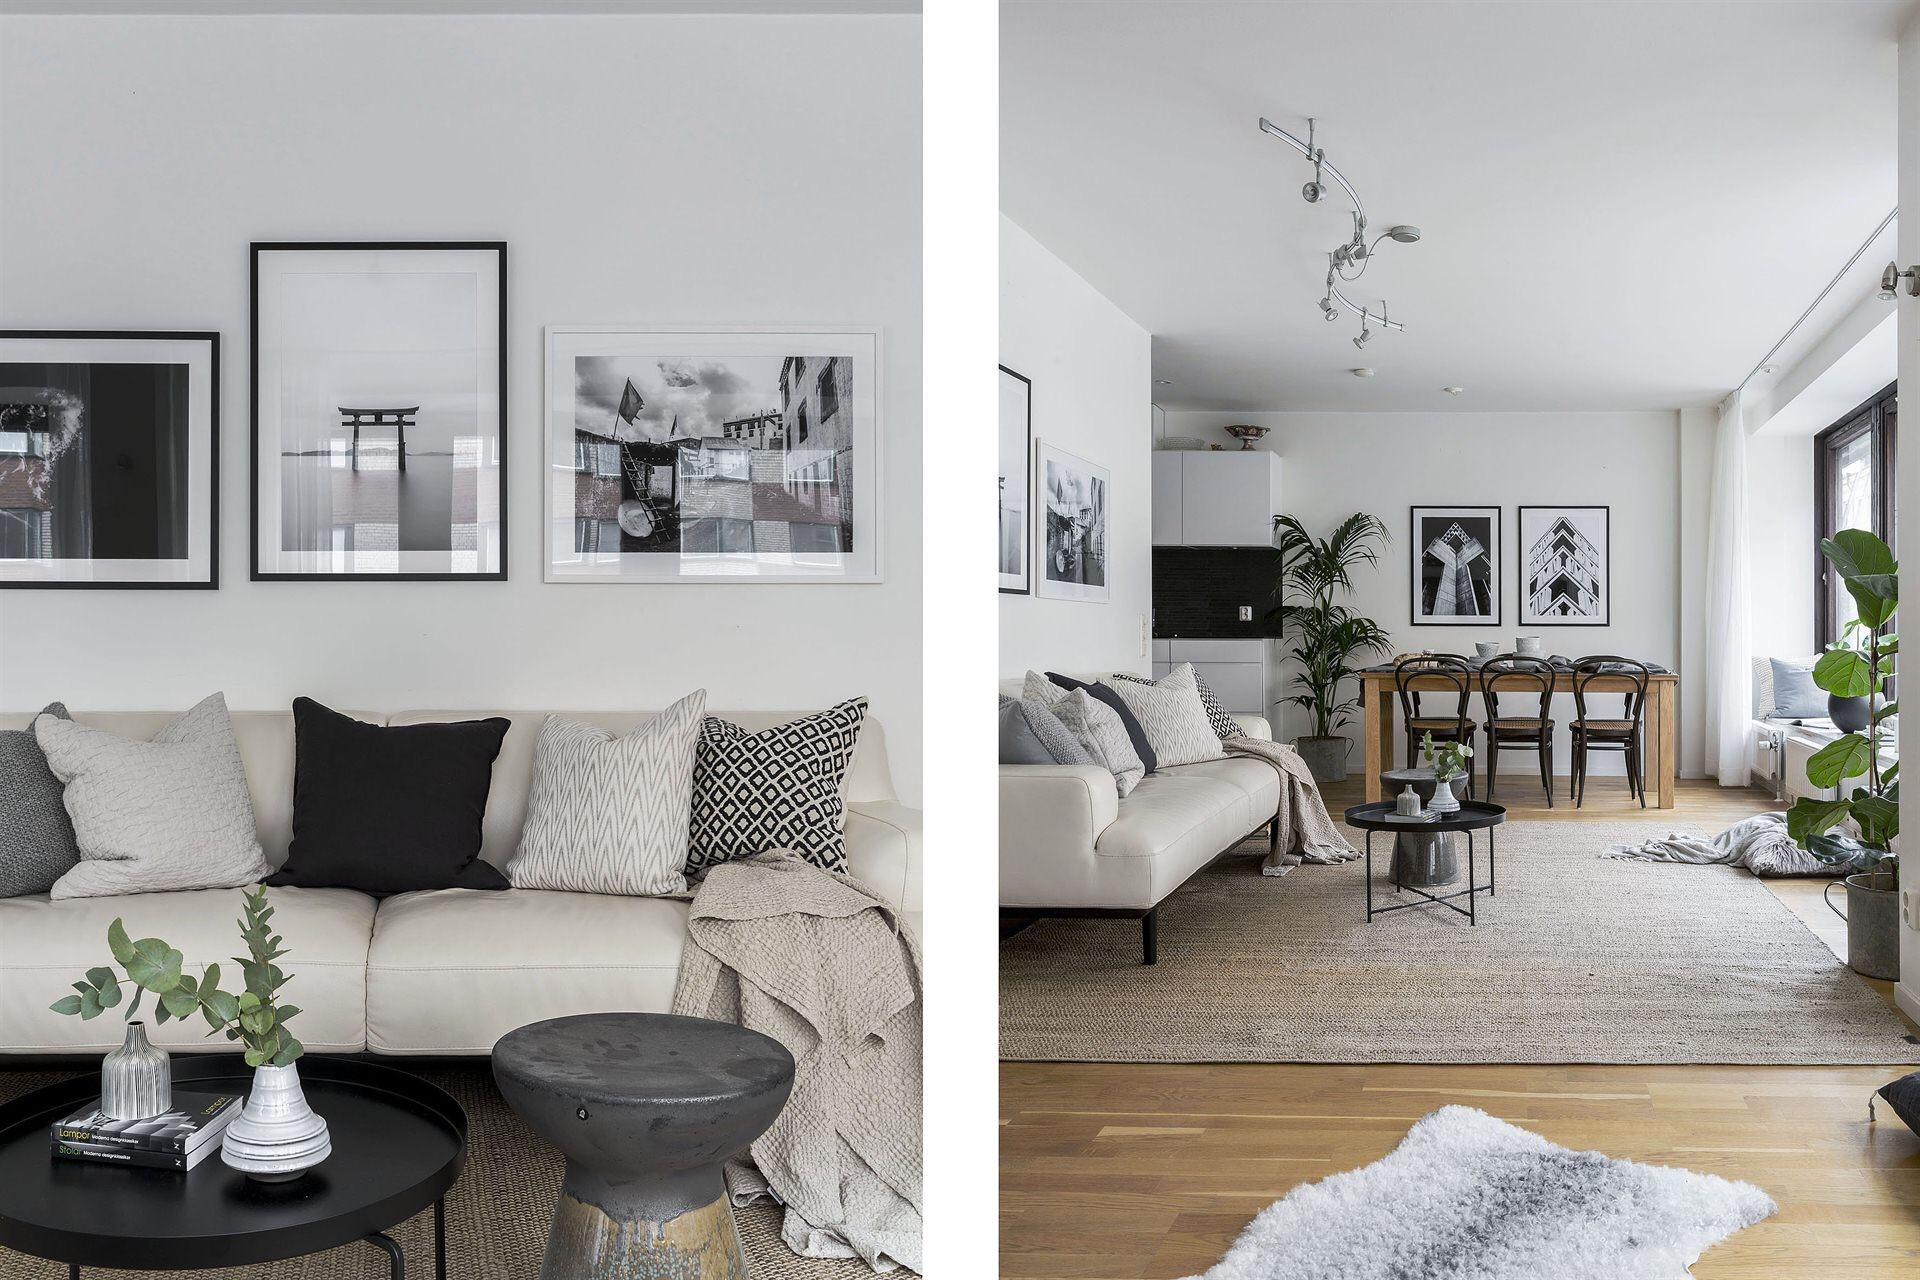 серый диван подушки рамки постеры